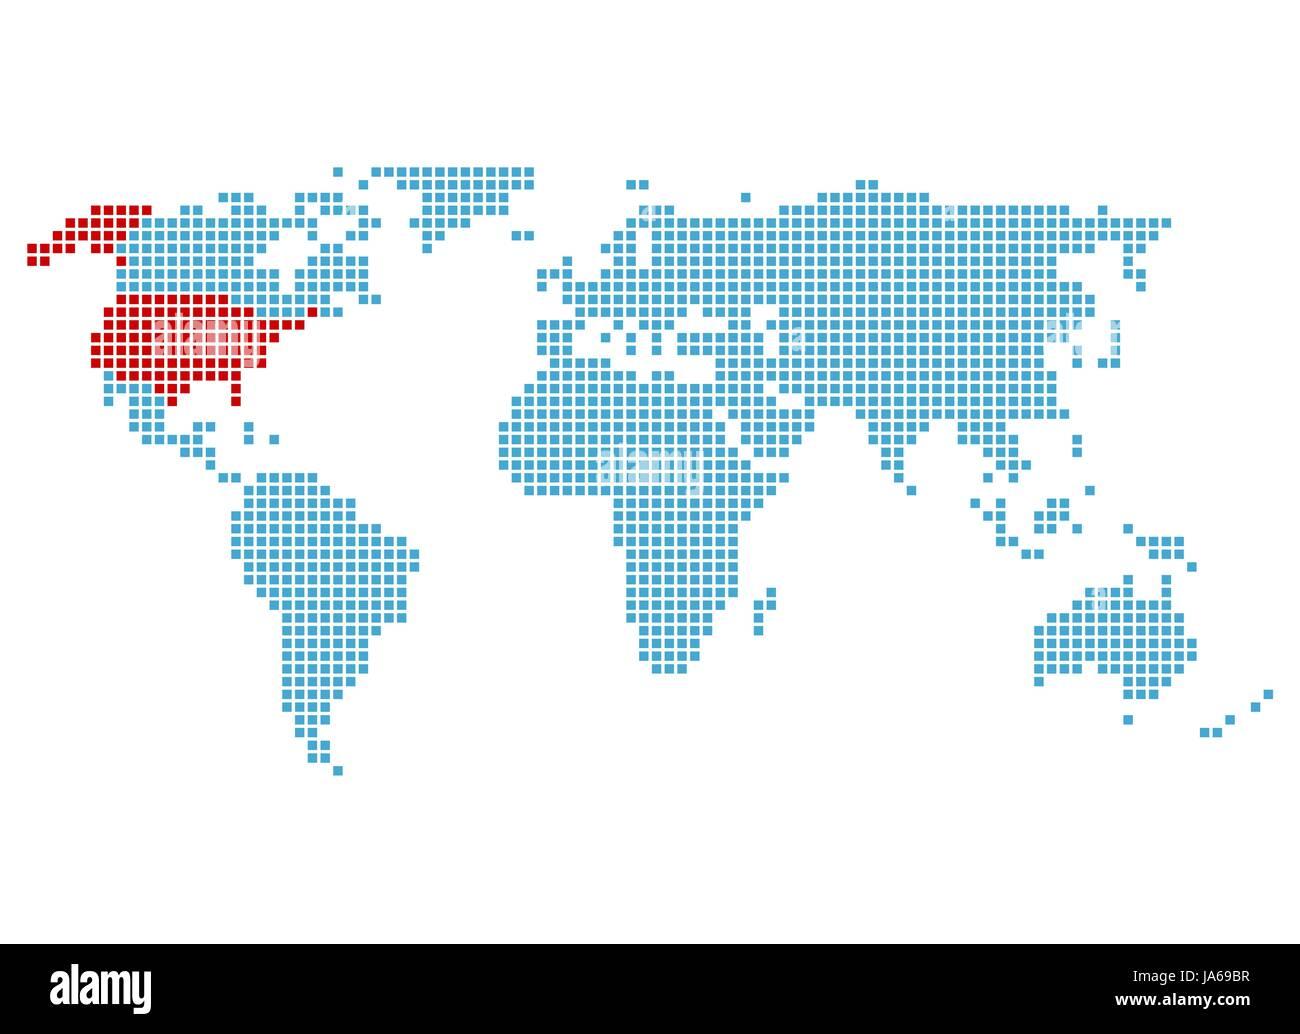 Amerika Karte New York.Usa Amerika Atlas Karte Der Welt Karte New York Von Von Blau